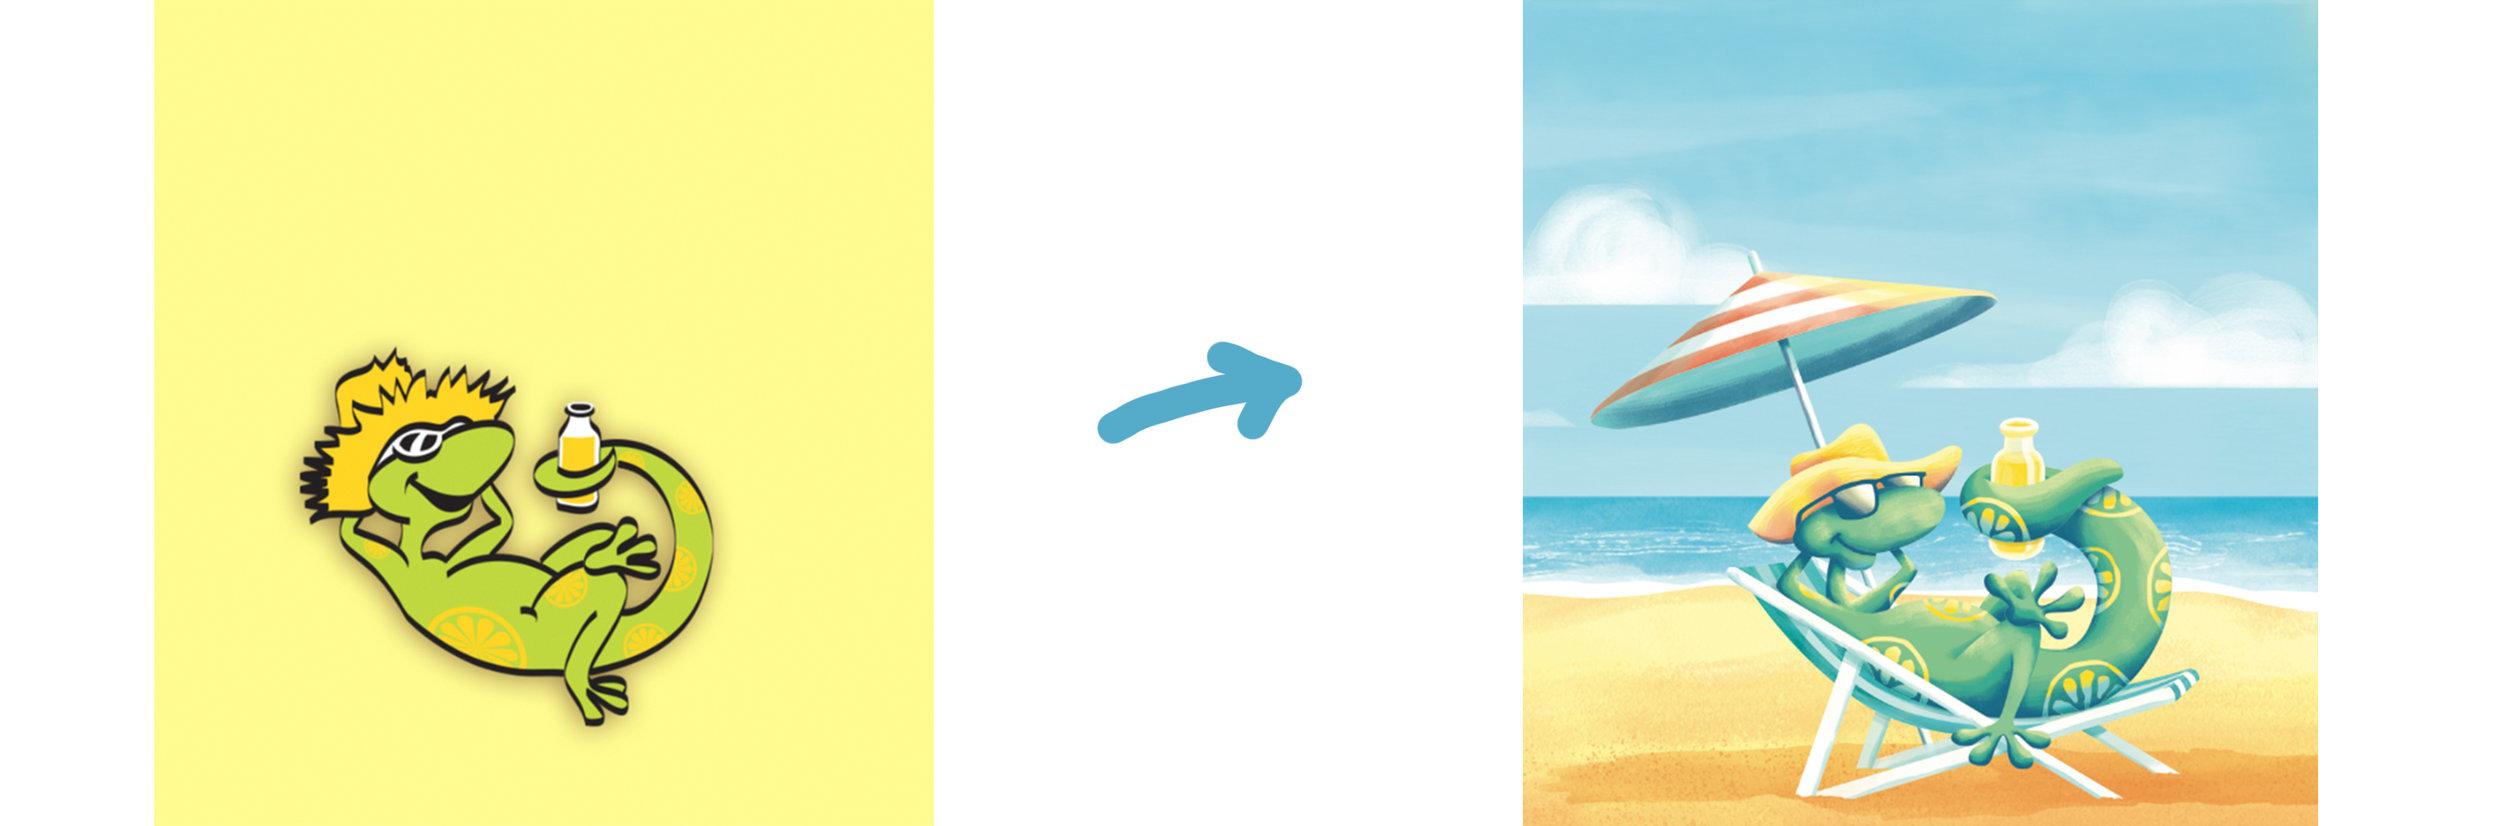 mascot evolution.jpg